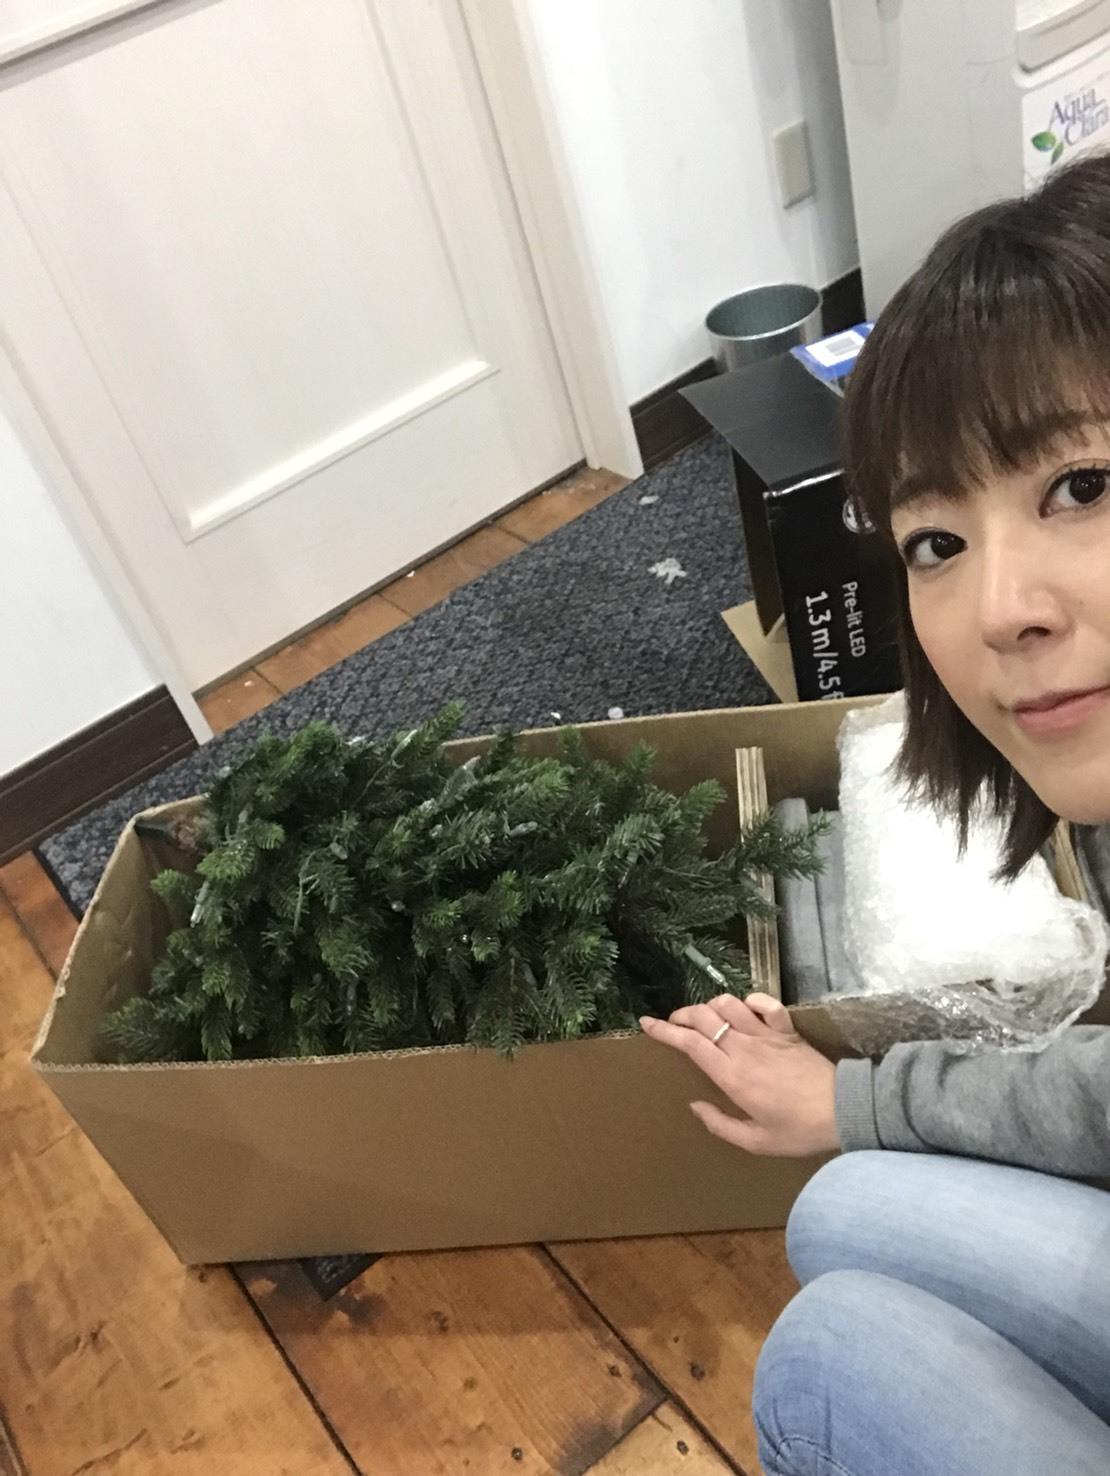 12月27日(水)トミーベース カスタムブログ☆LS600撮影開始!!サンタは大忙し!_b0127002_23161719.jpg